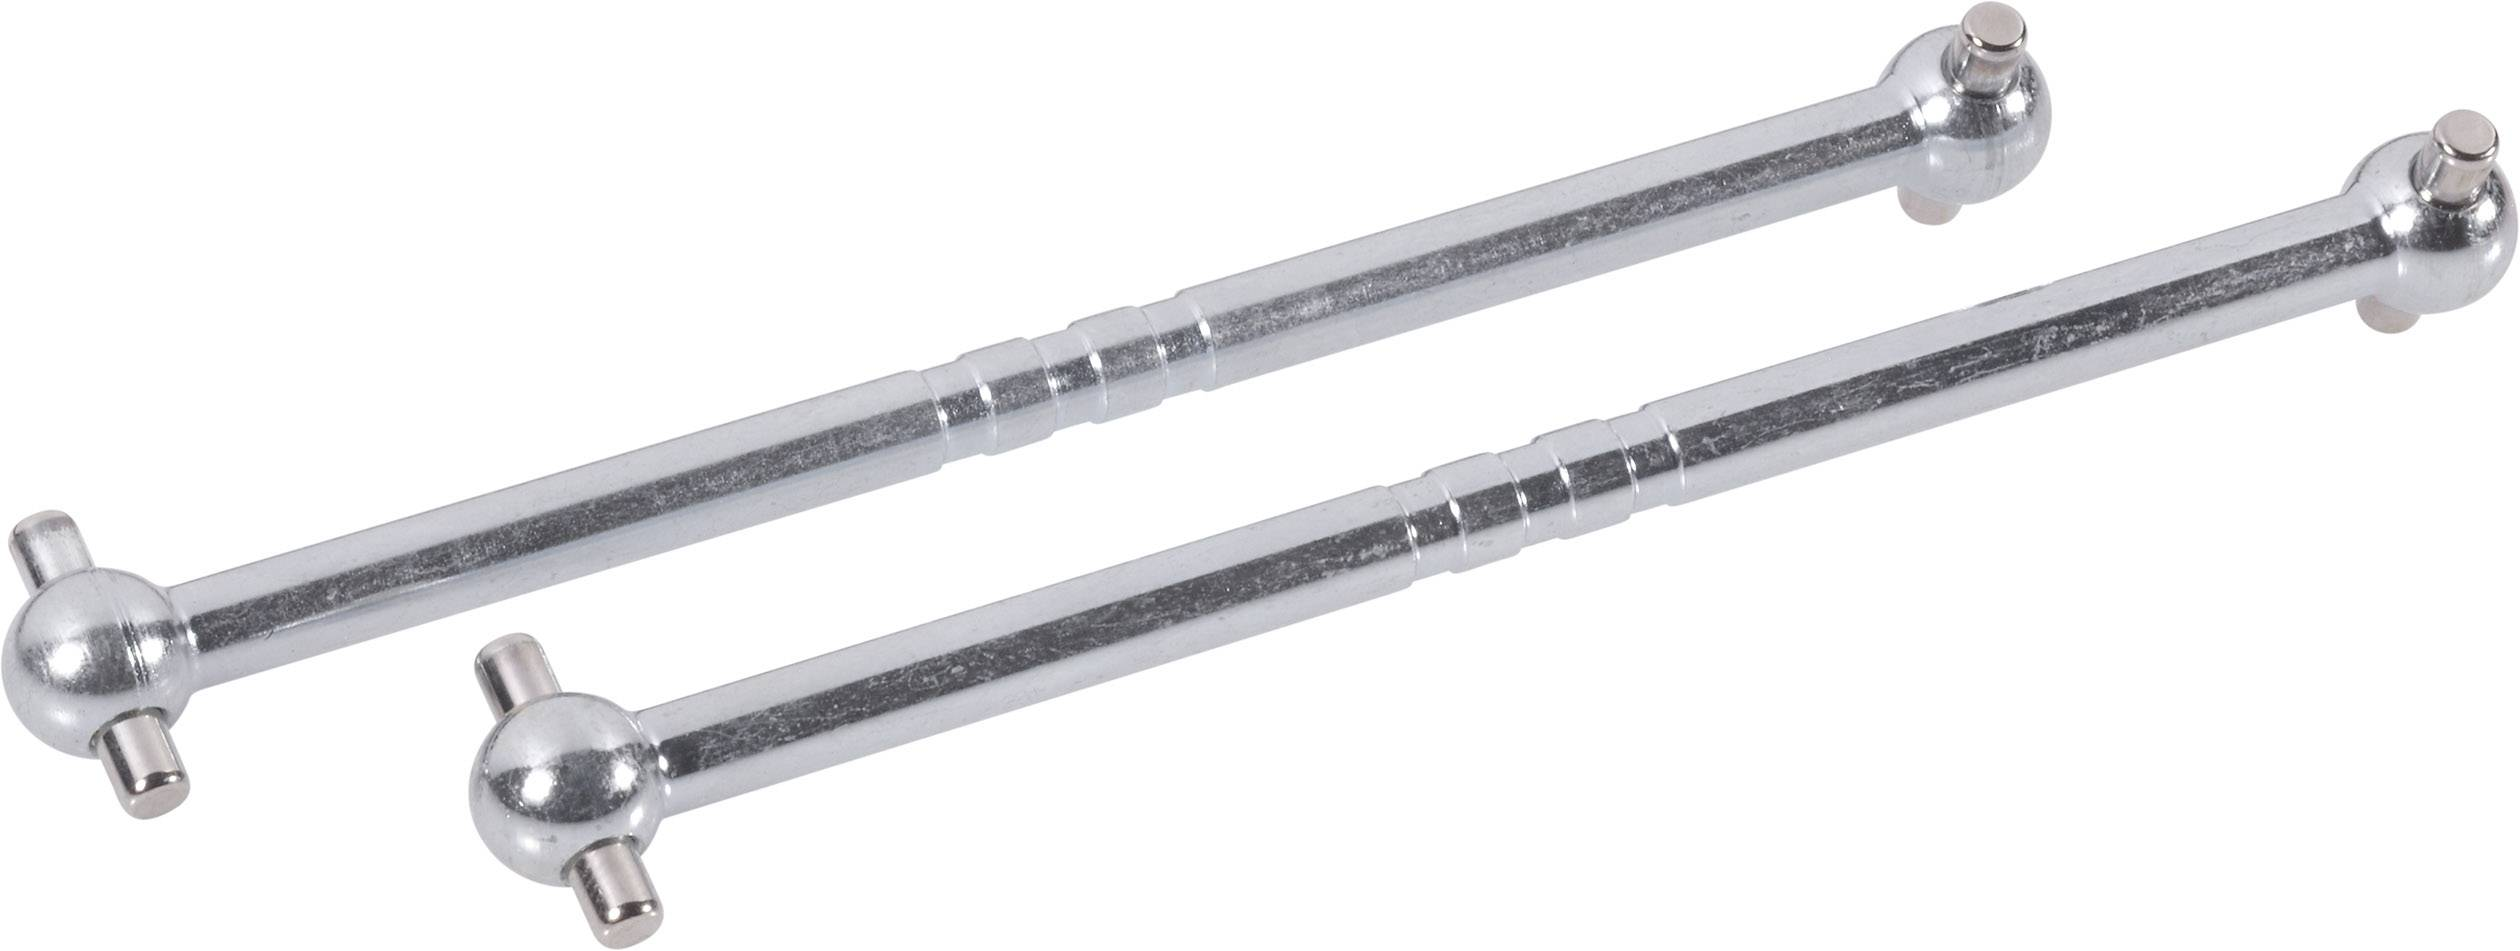 Hnací hřídel Reely, 93 mm, 2 ks, 1:8 (MV3562)